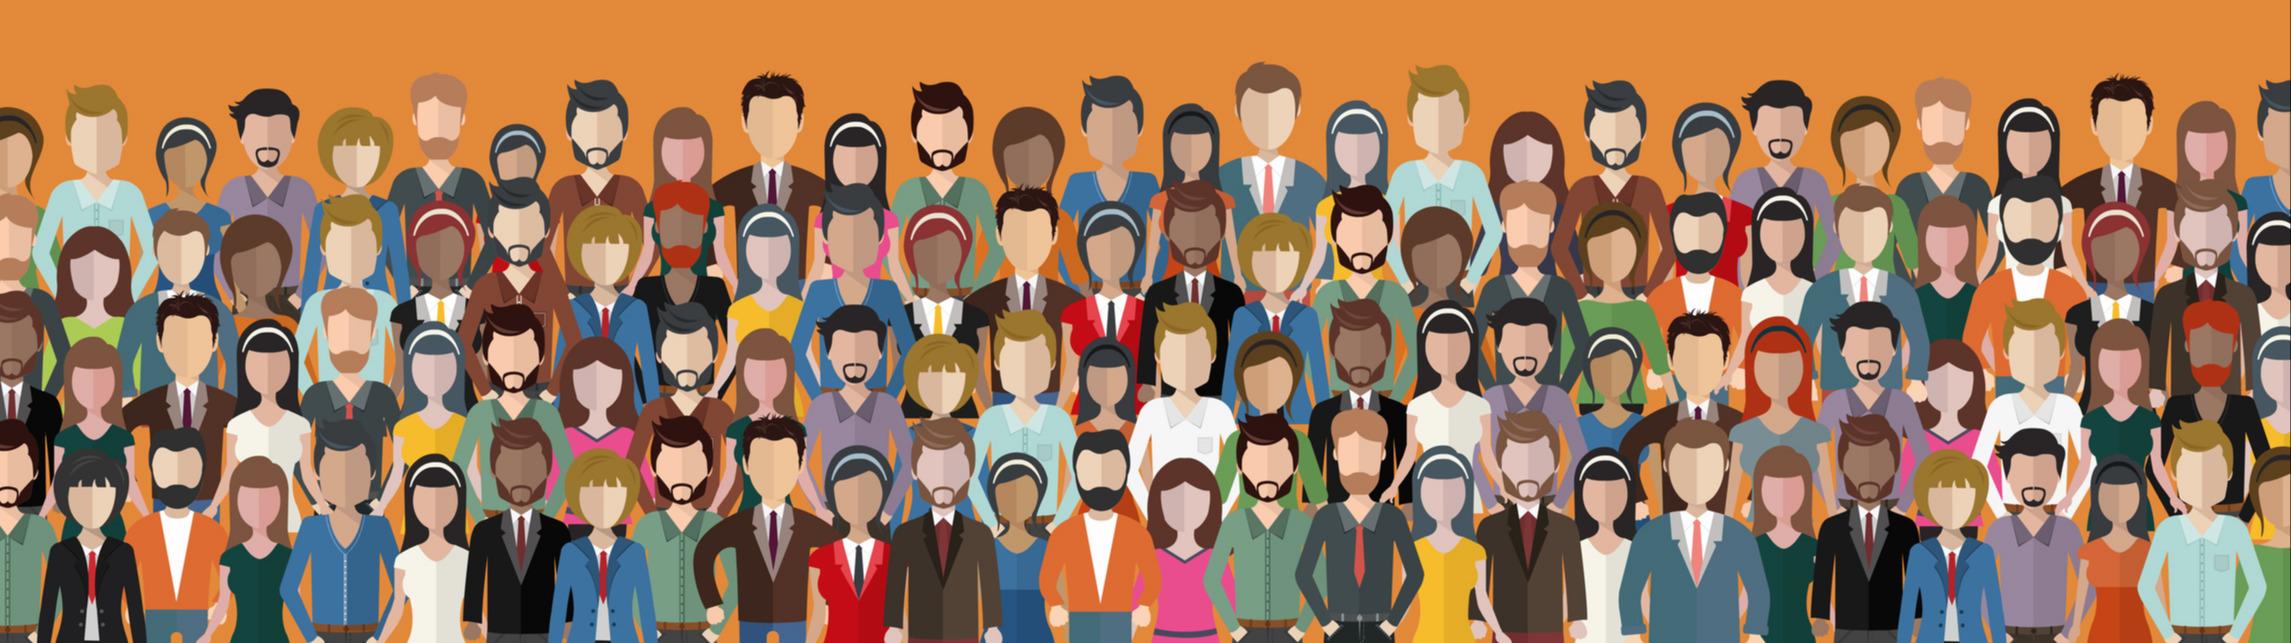 groupimage